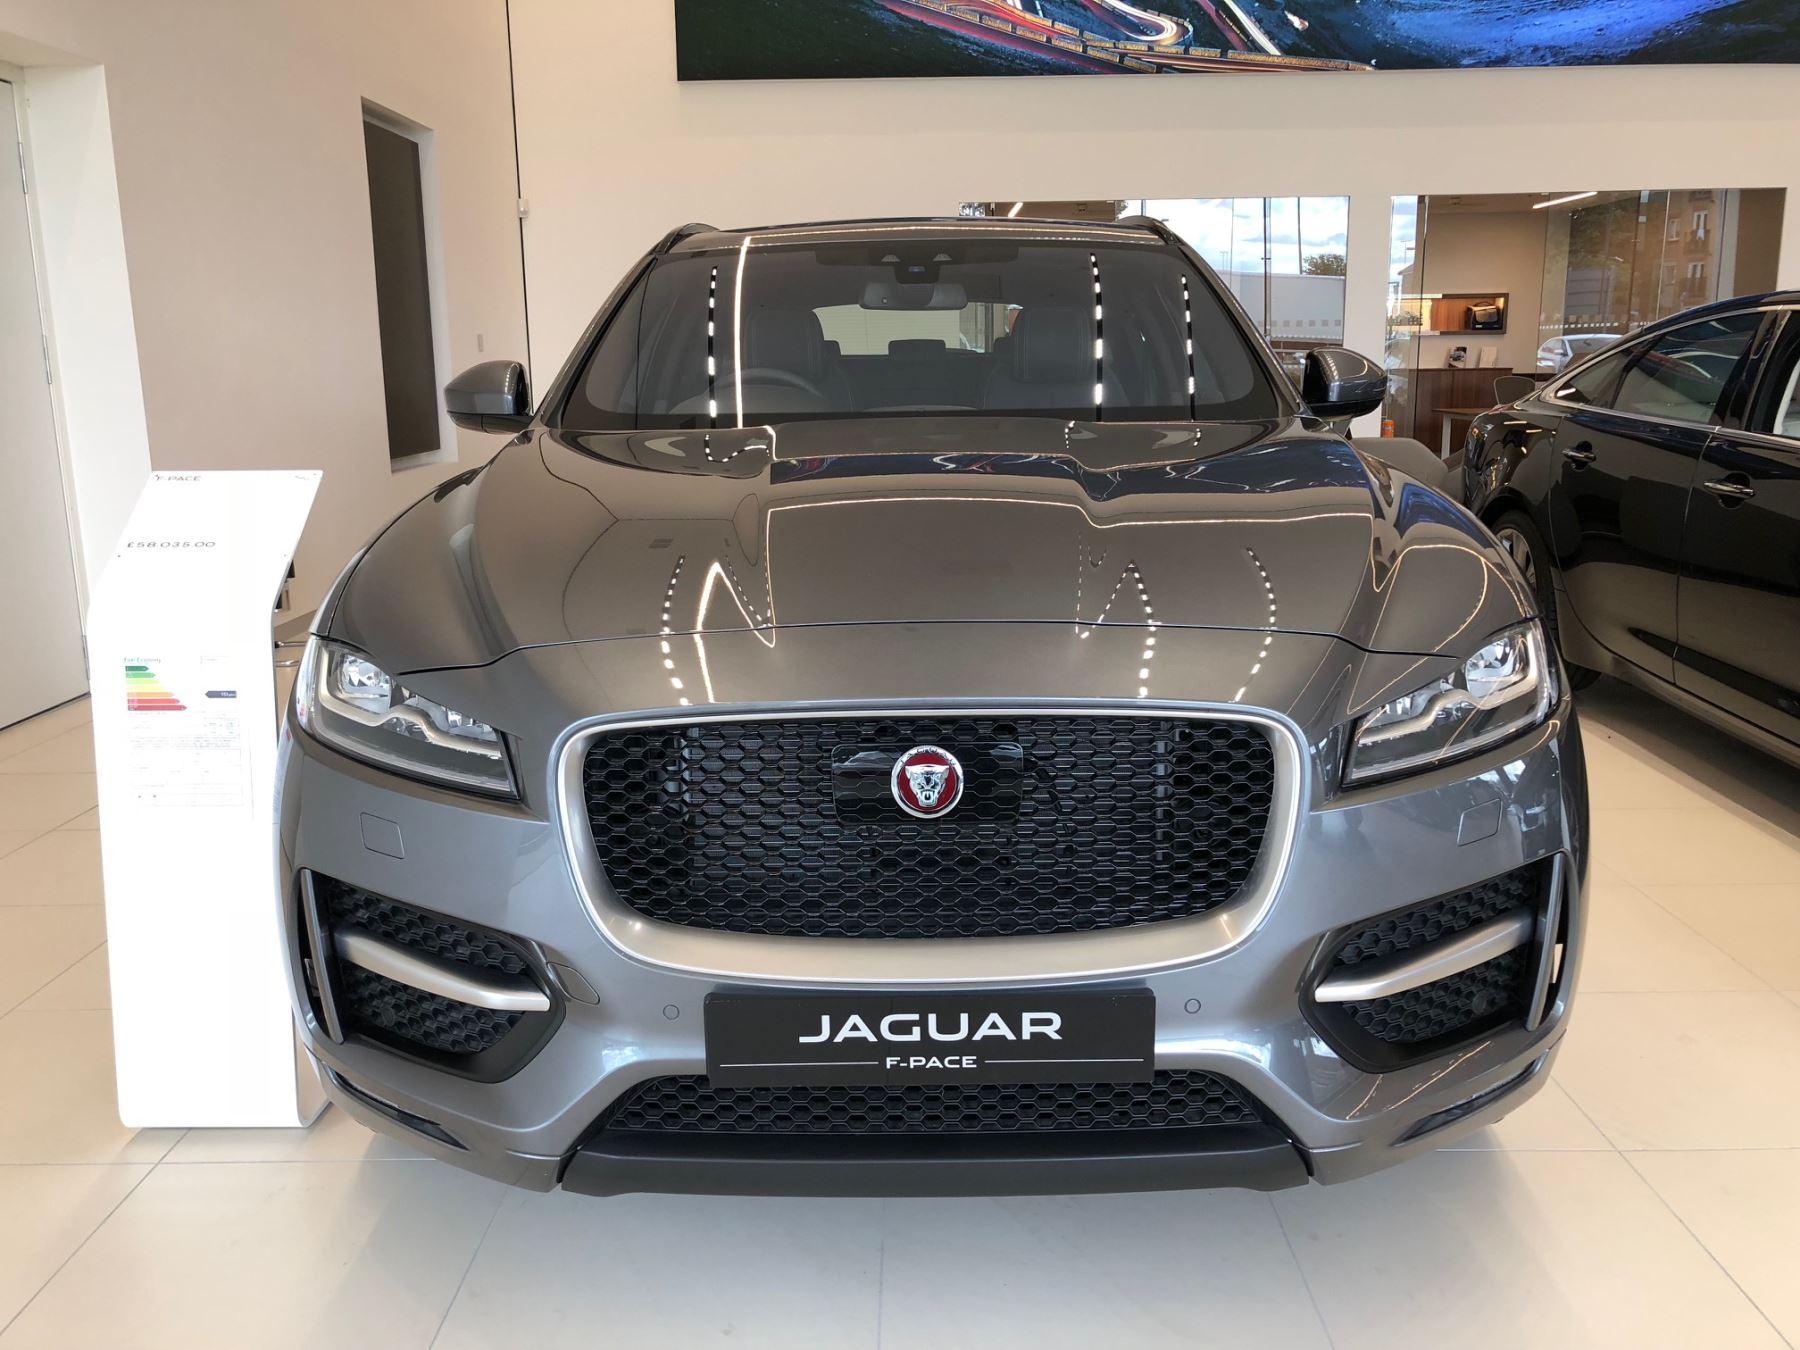 Jaguar F-PACE 2.0d R-Sport AWD image 2